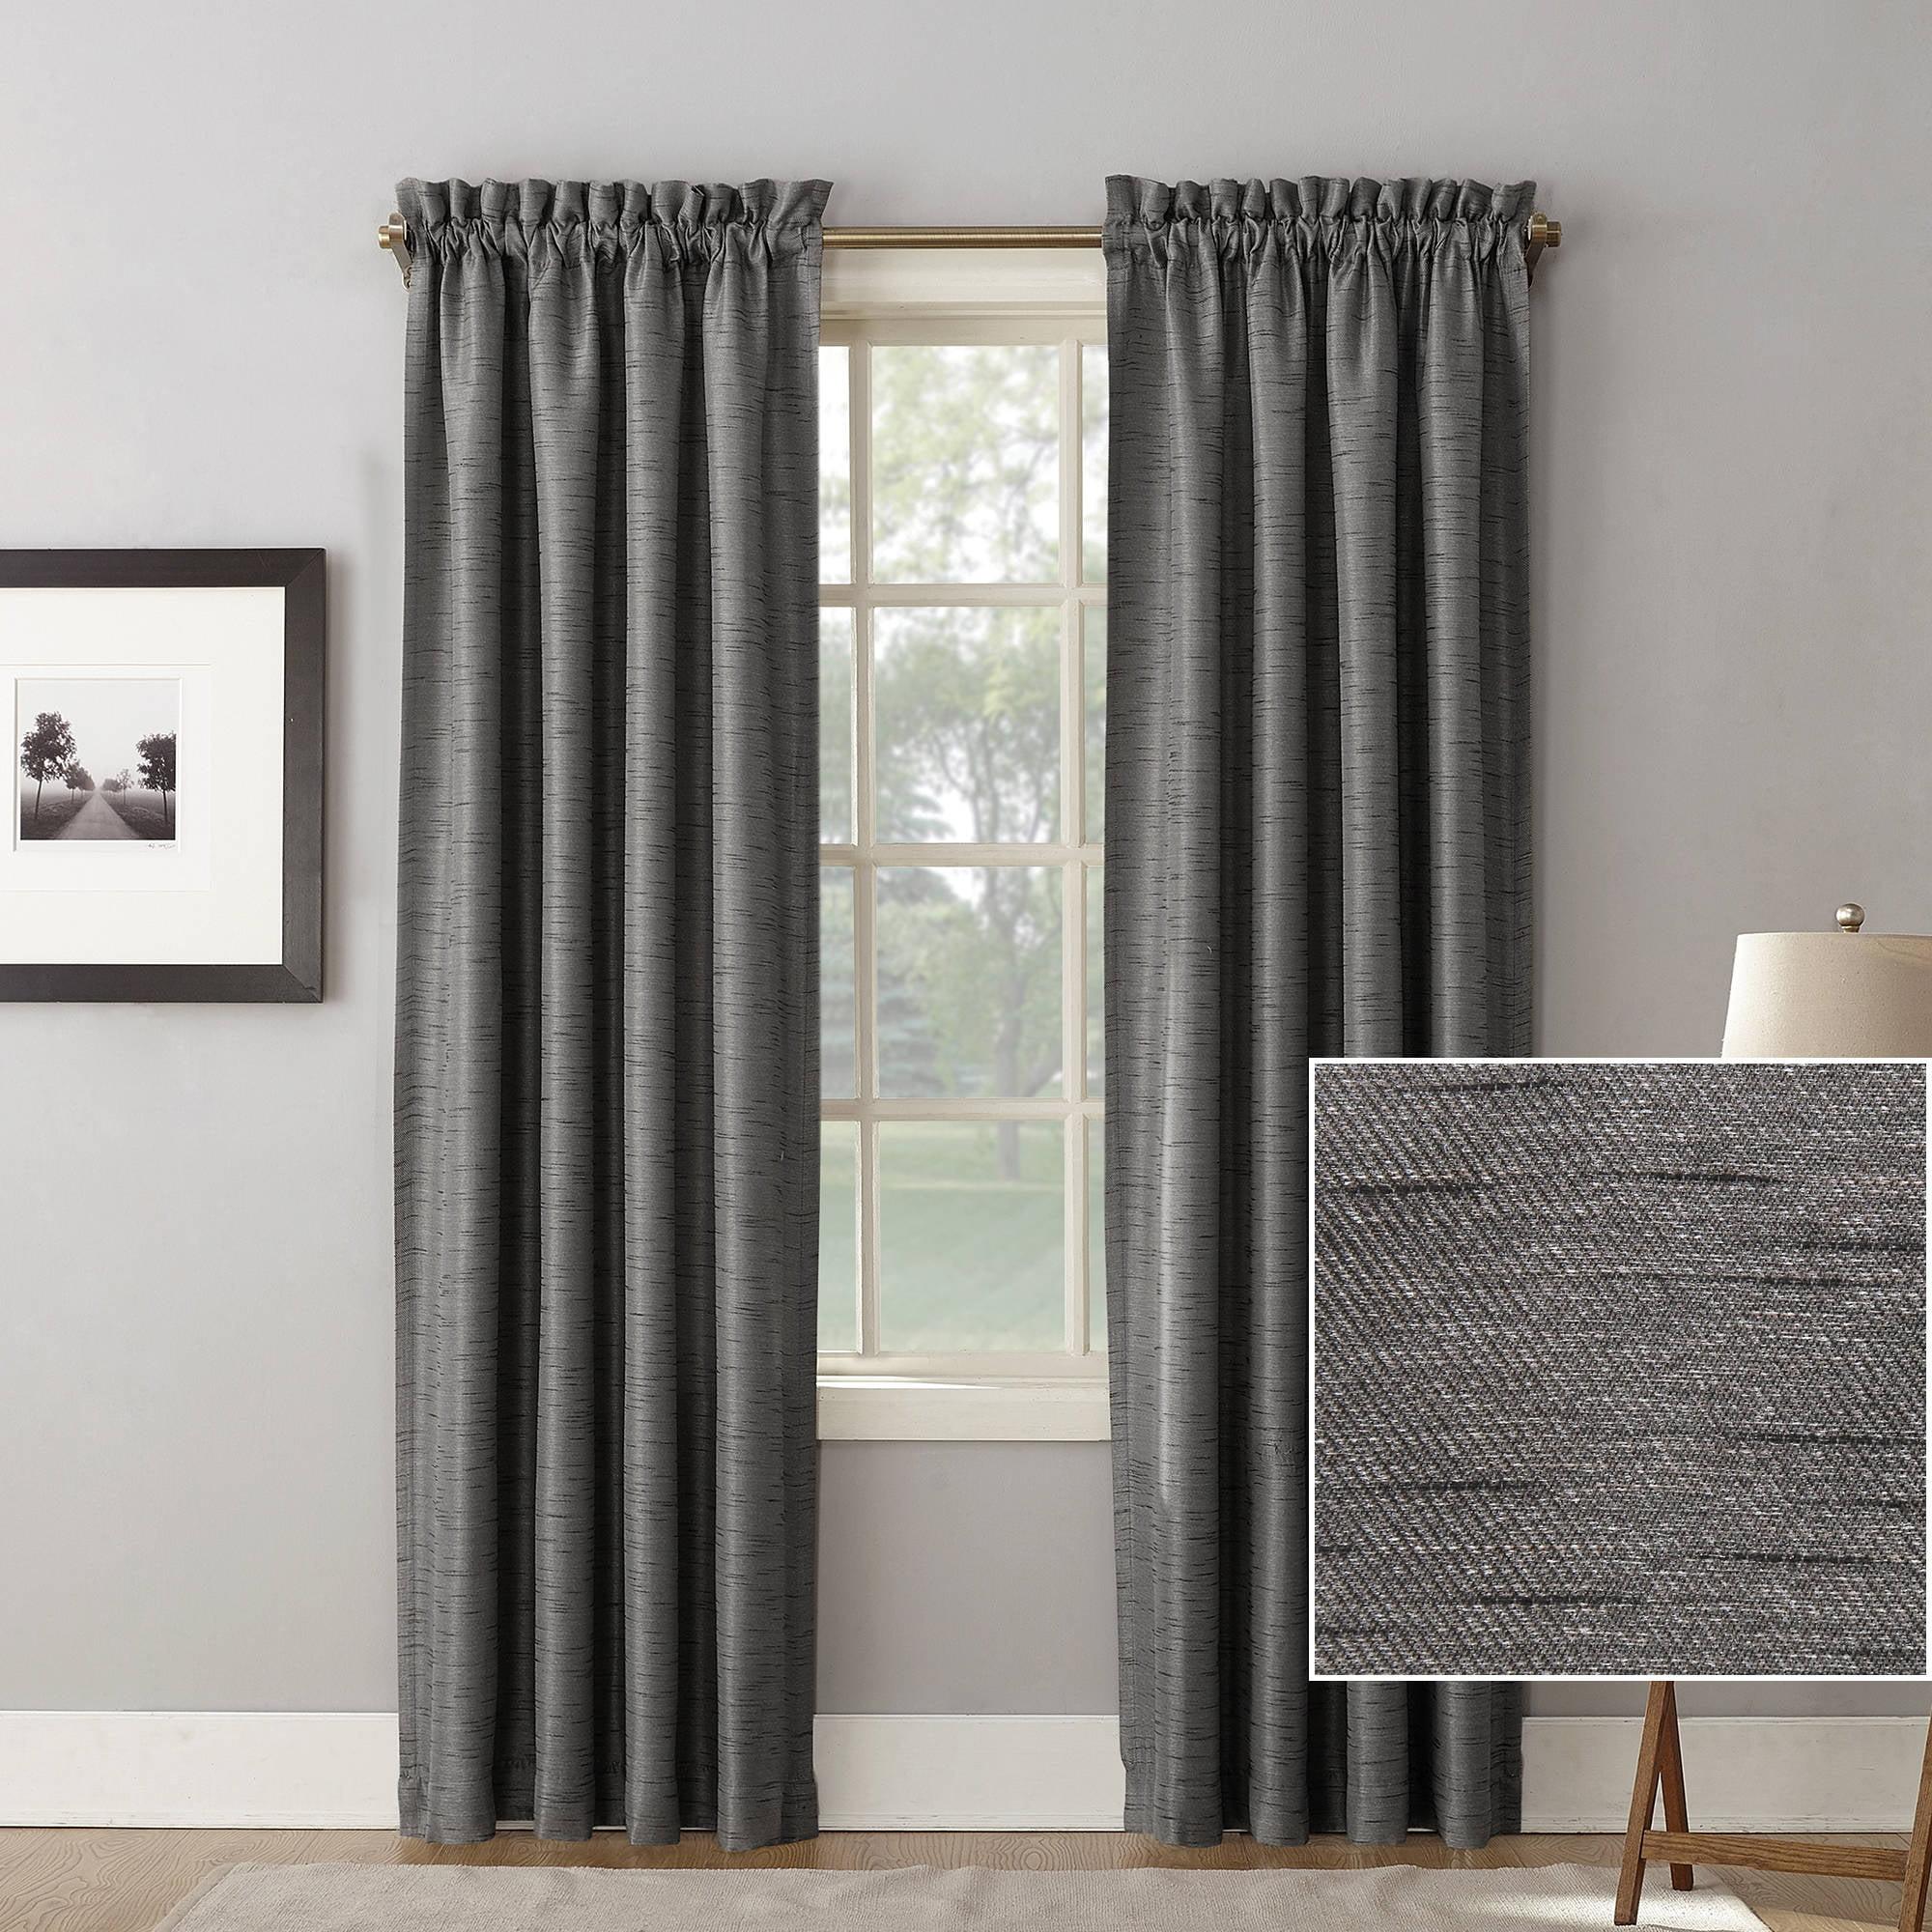 energy efficient & blackout curtains - walmart